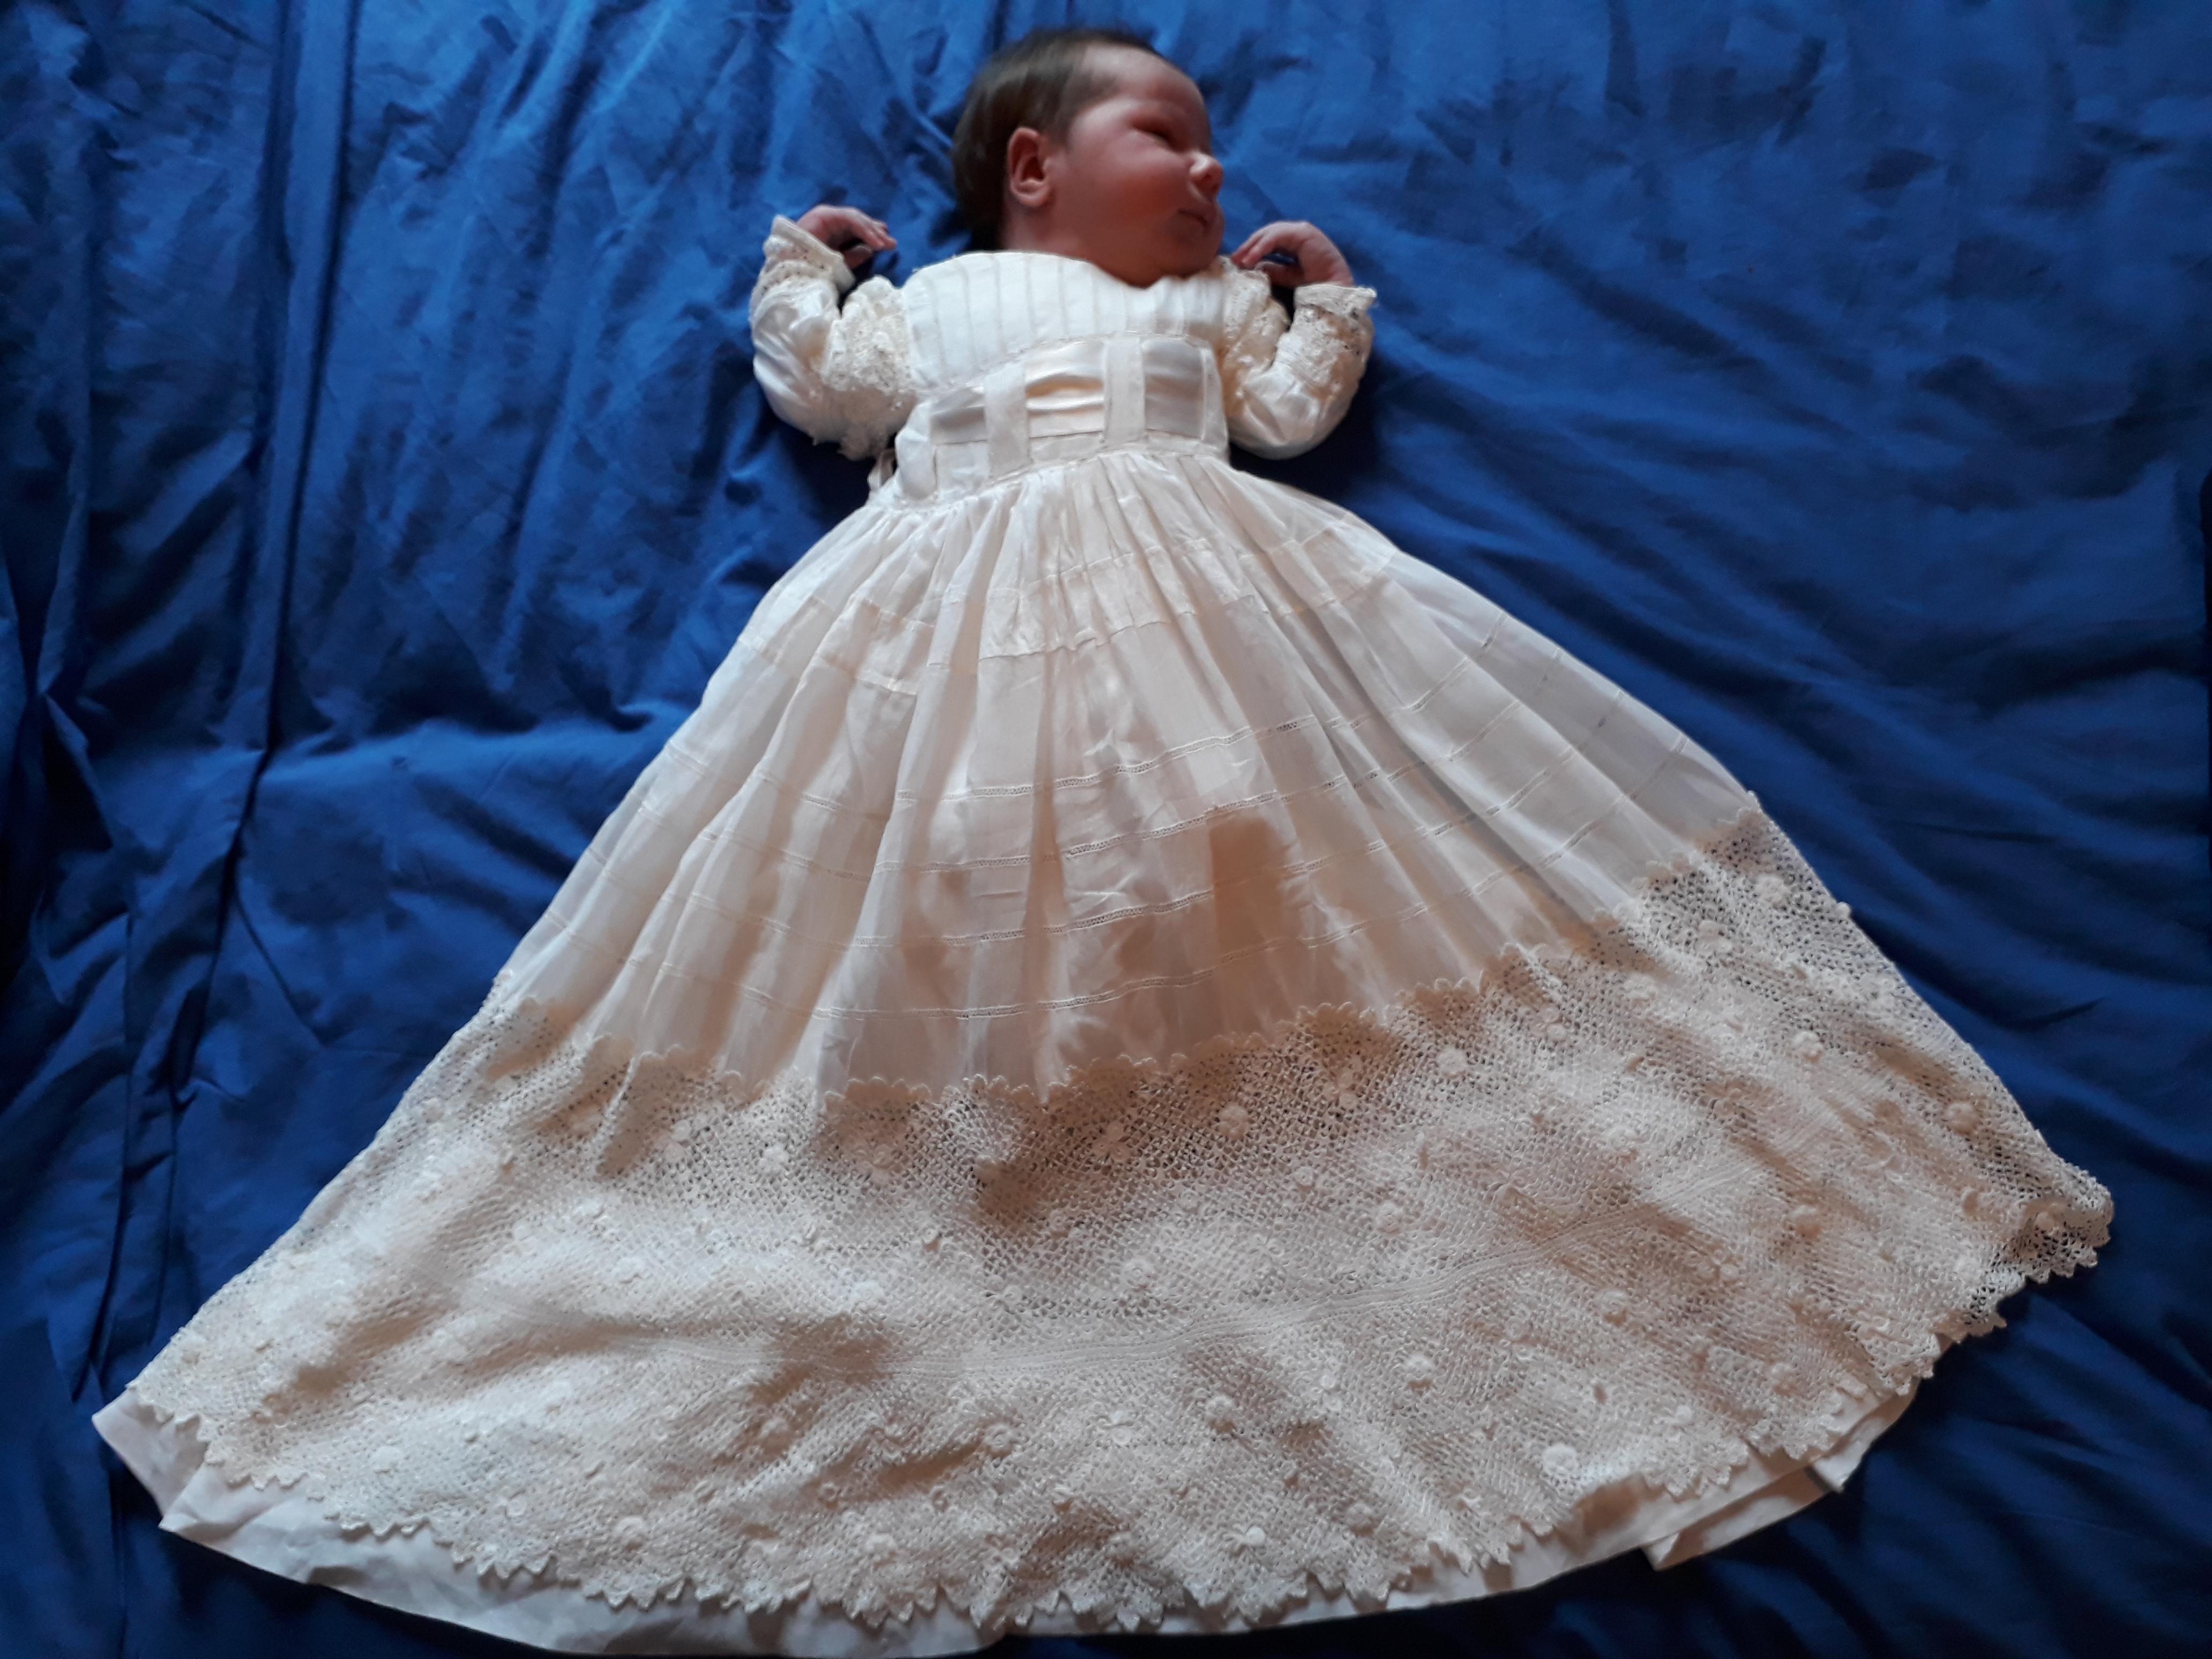 c067addd384d6 Blanchir une robe de baptême ancienne ou un voile de mariée